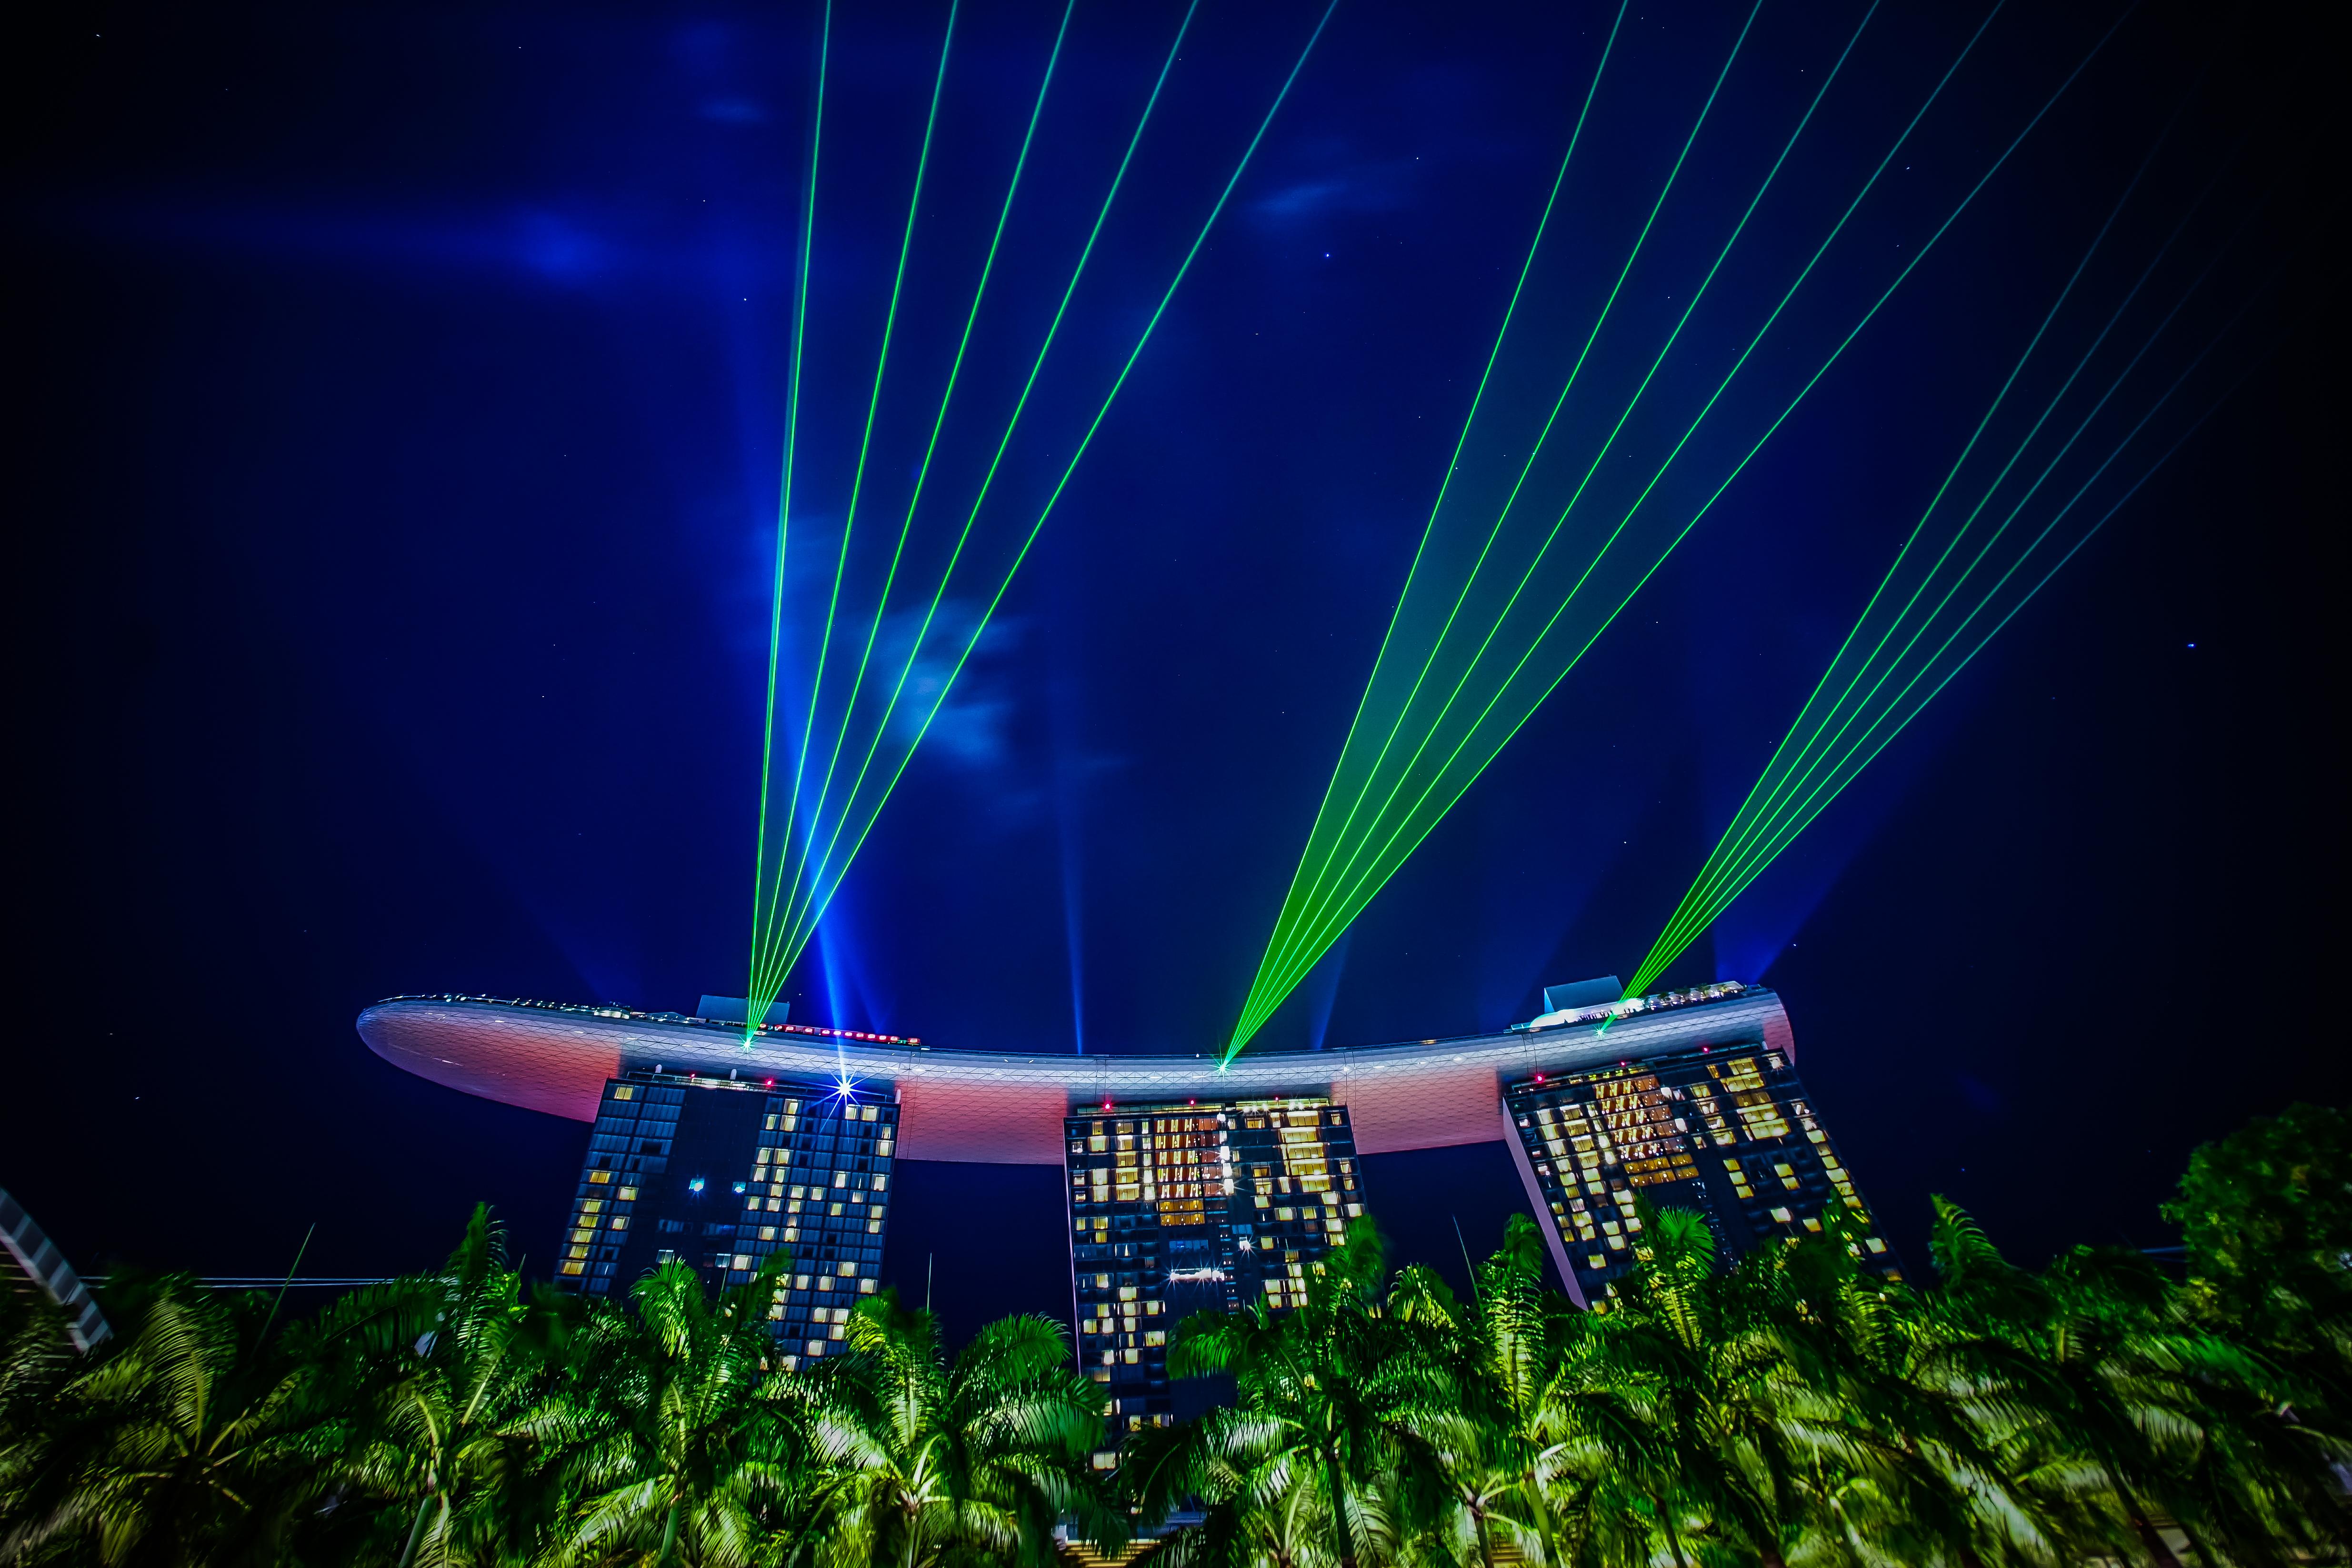 Free Images : Light, Night, Stadium, Lightshow, Stage